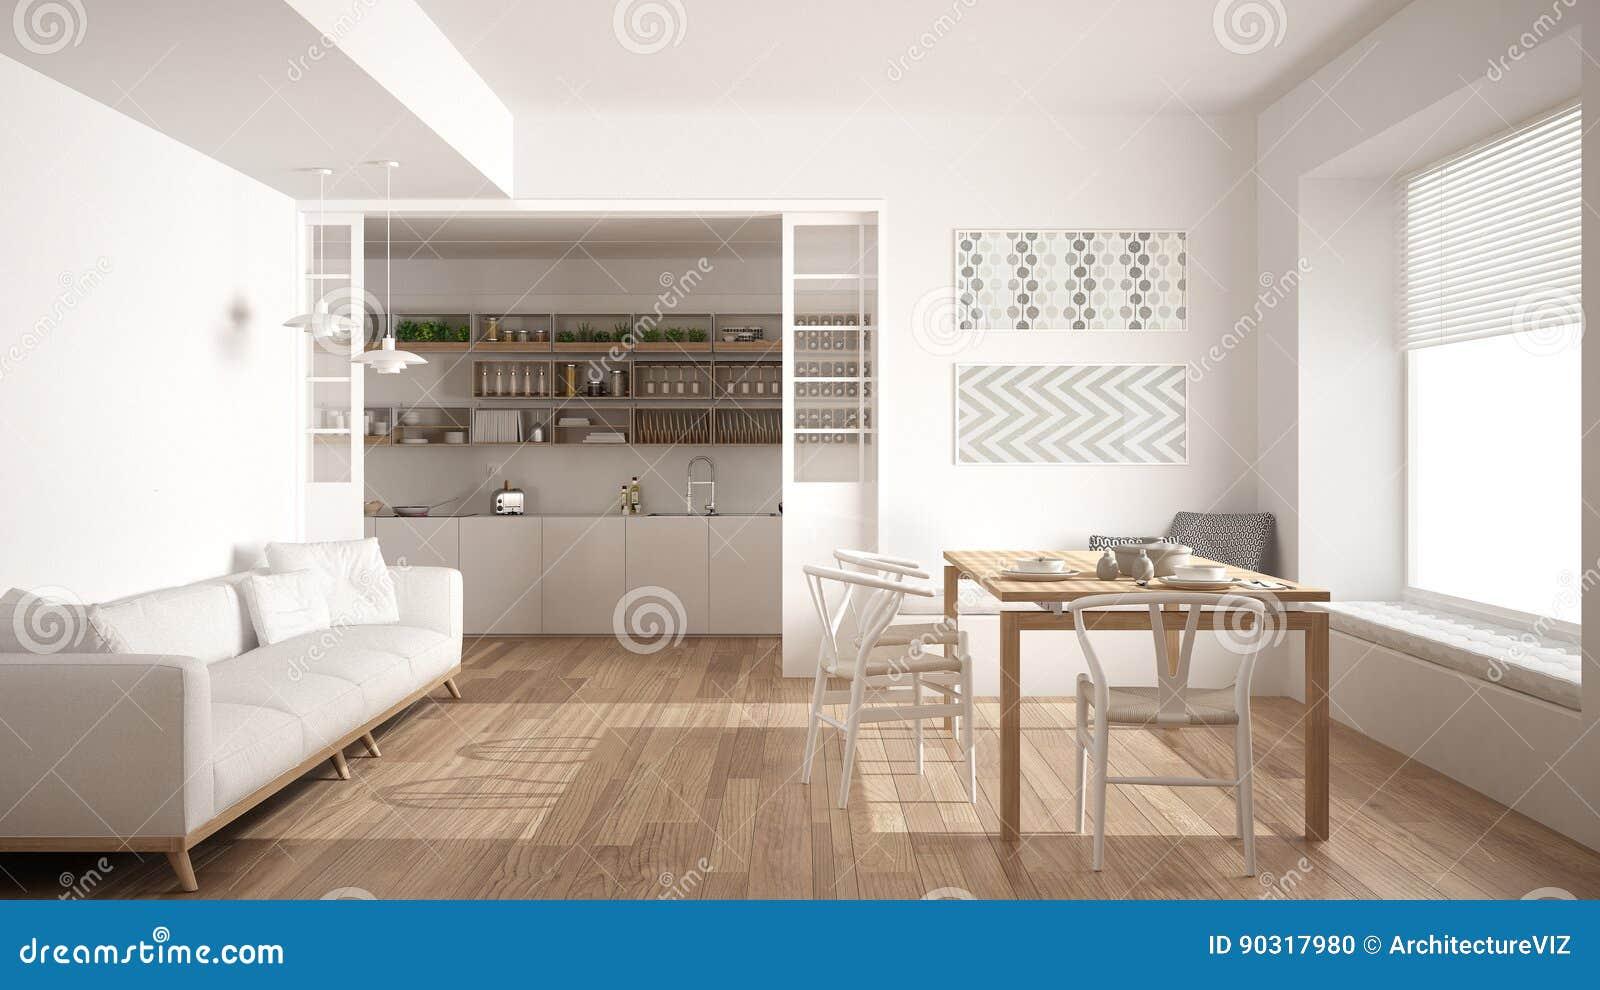 Minimalistische keuken en woonkamer met bank lijst en stoelen